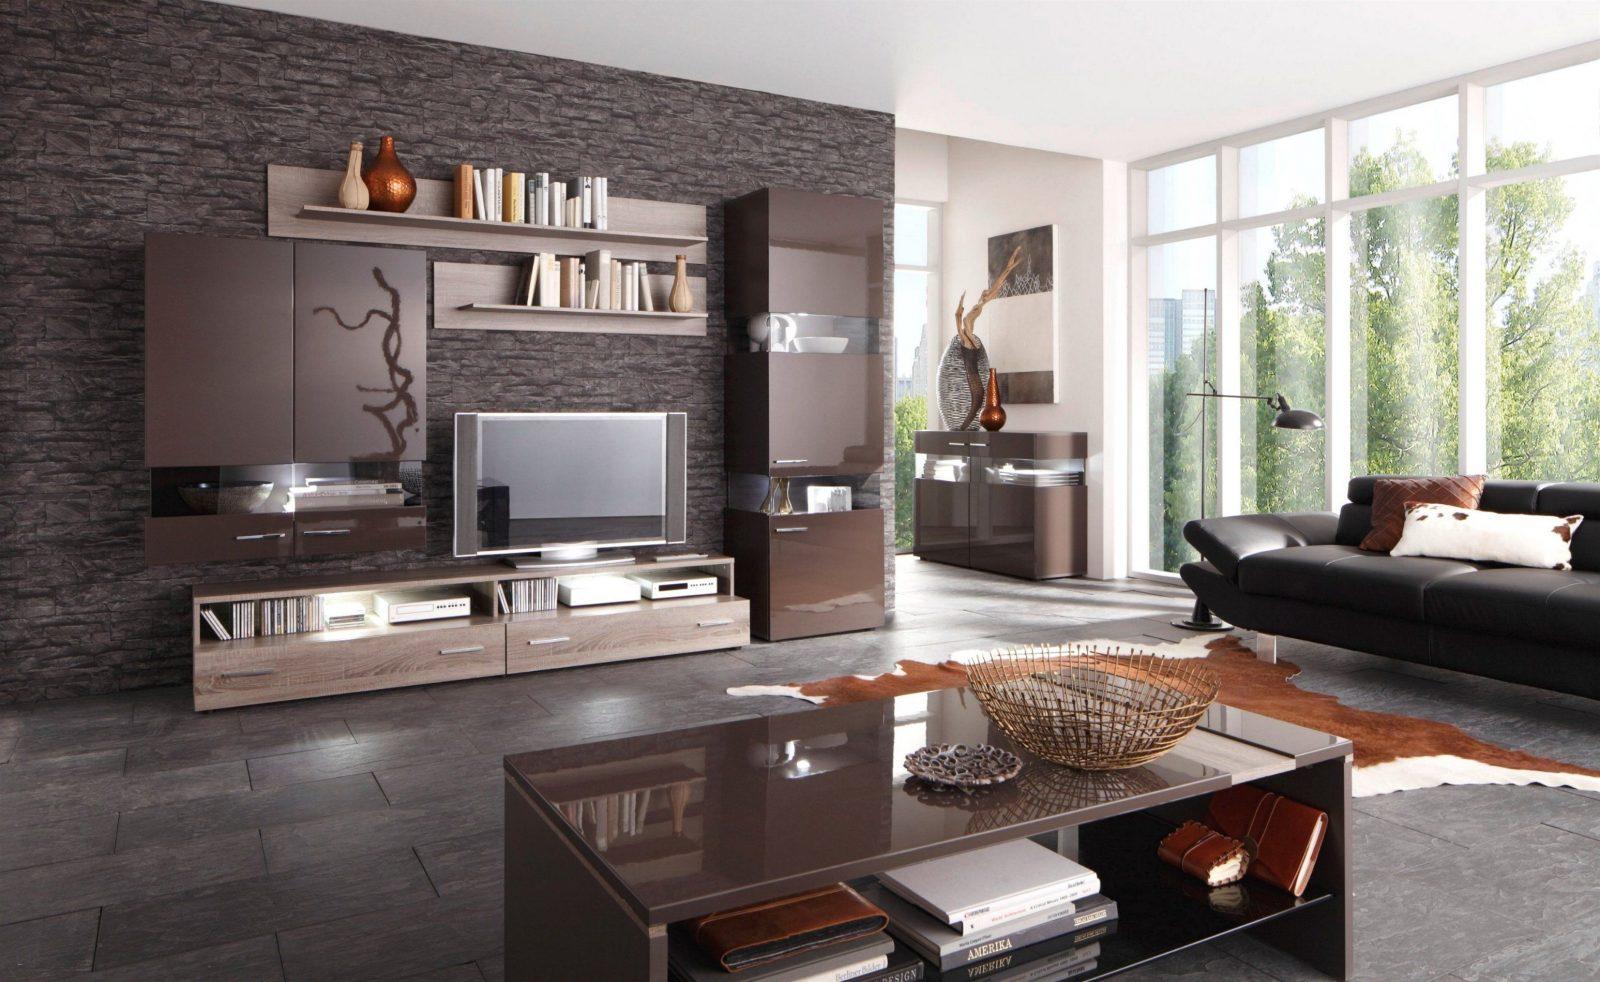 Wohnzimmer Mit Offener Kuche Bilder Atemberaubend Wohnzimmer Mit